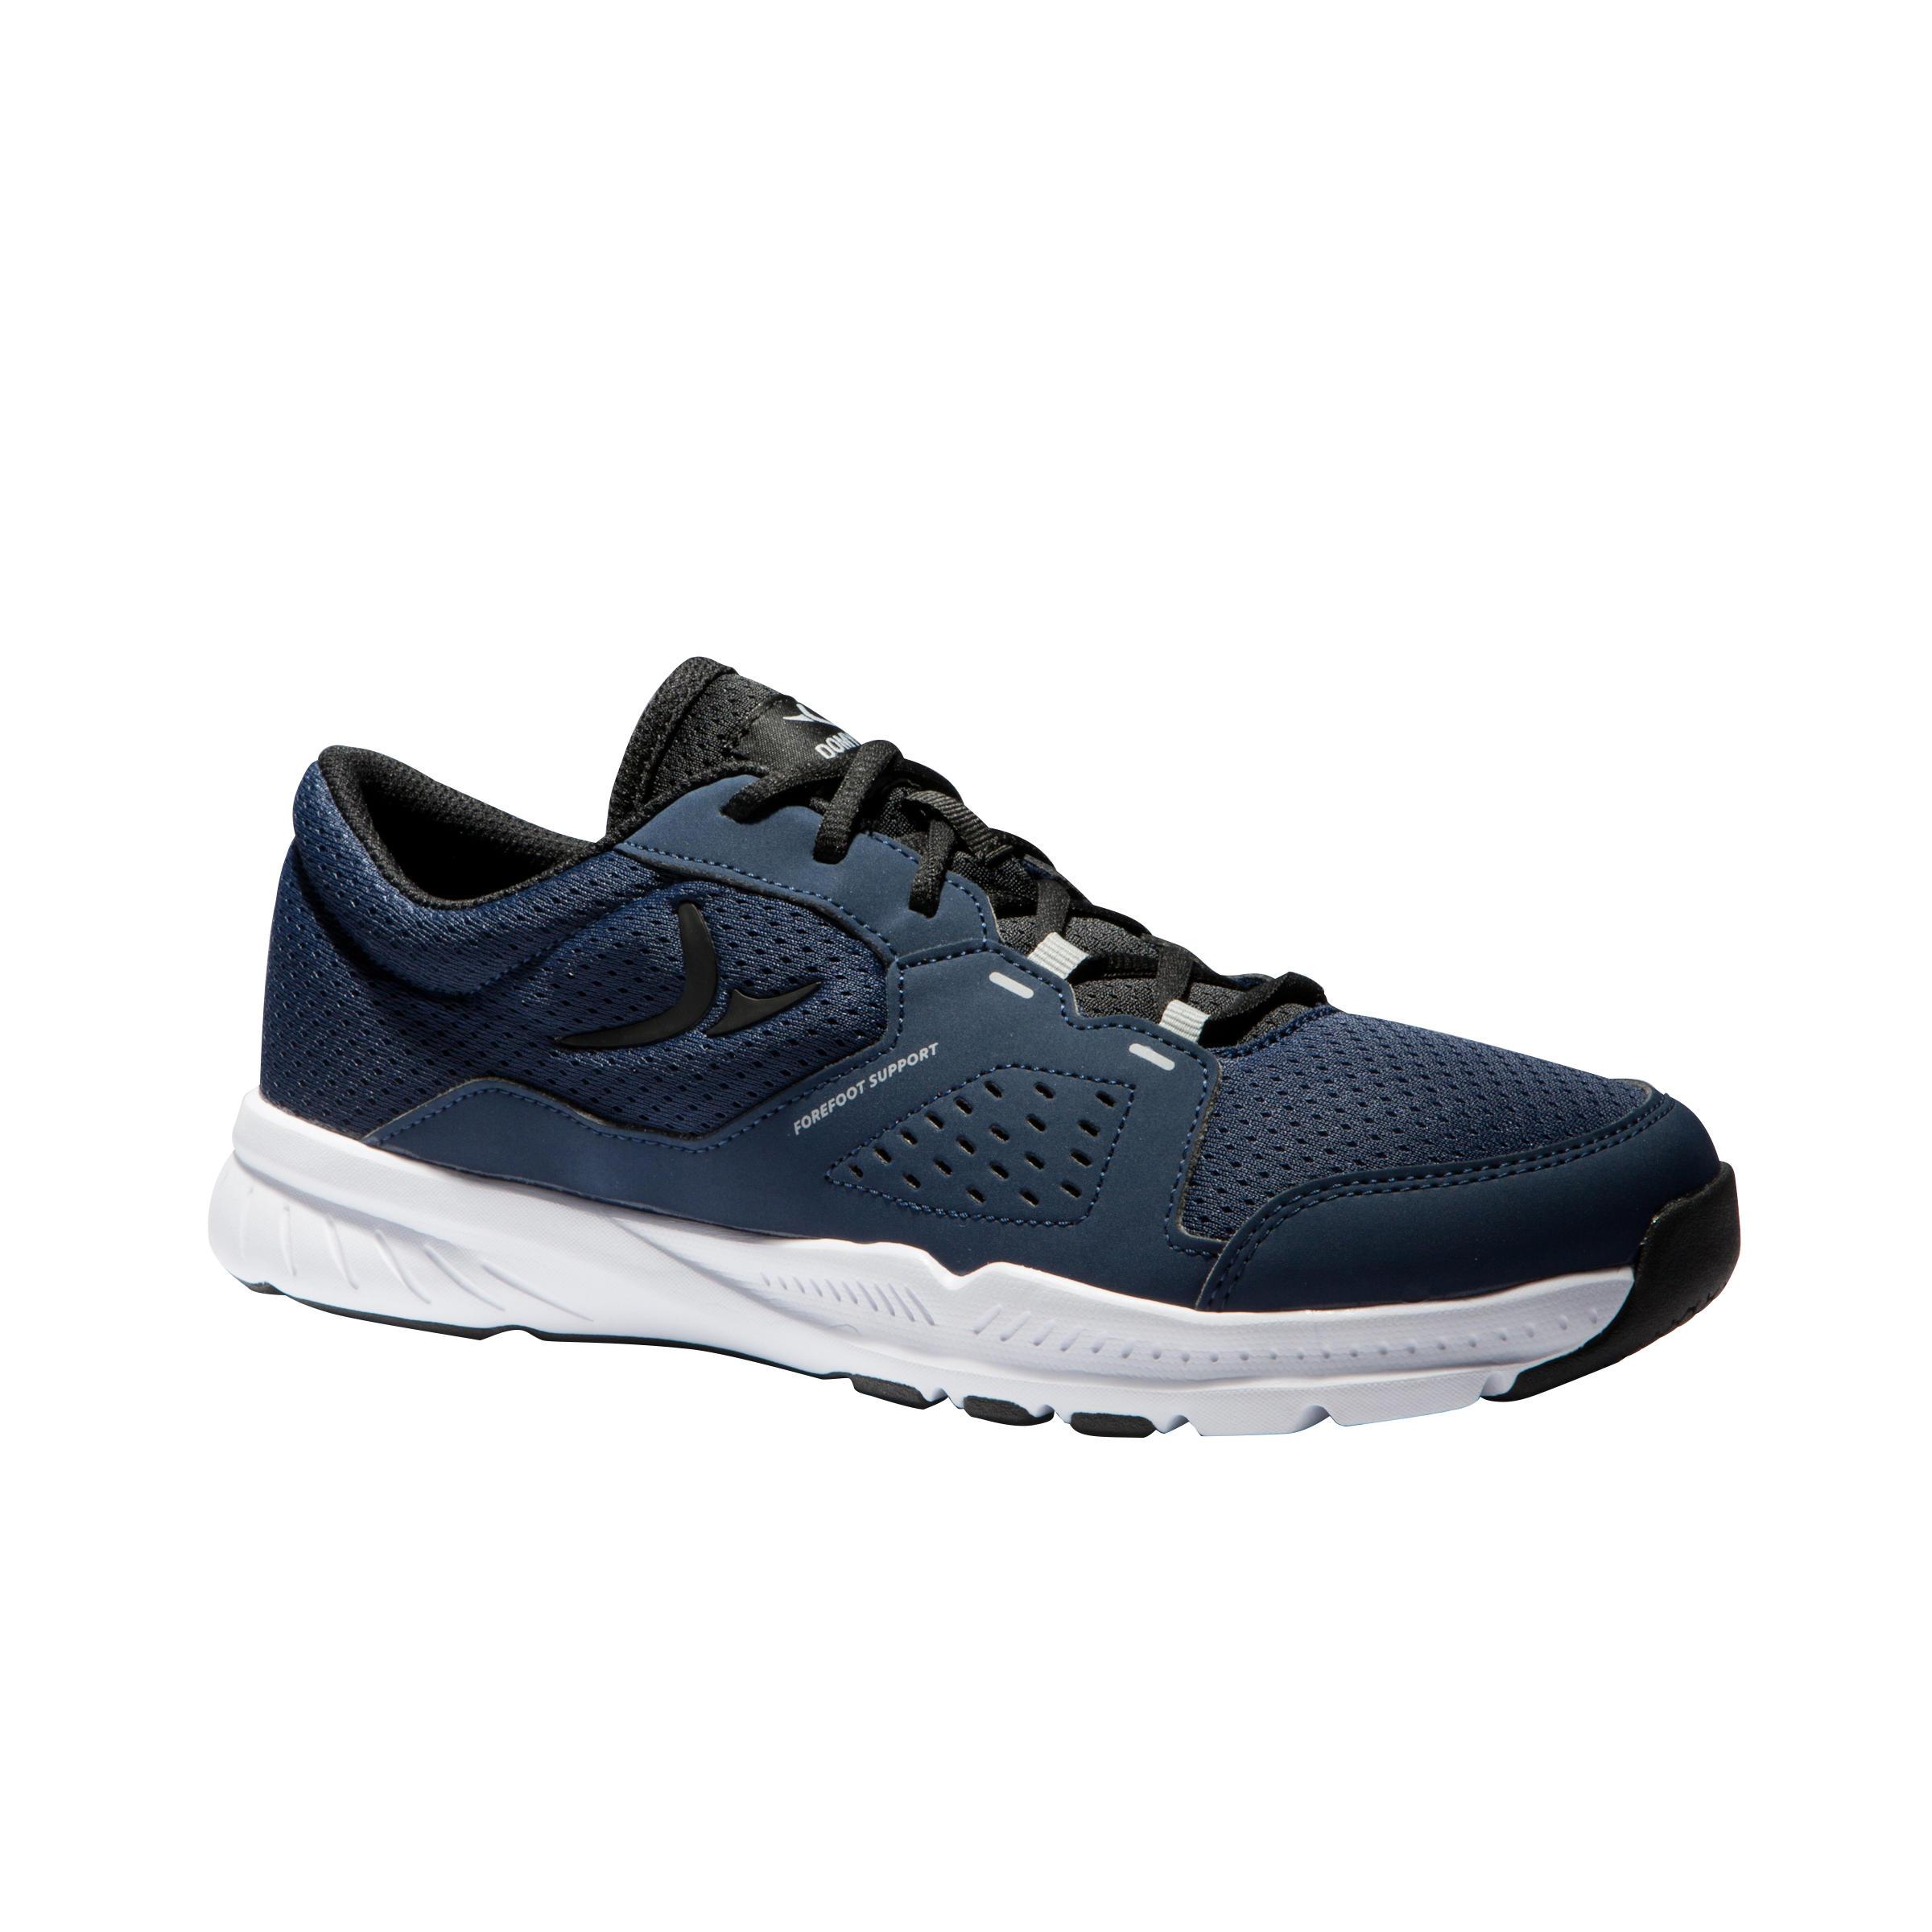 57da4a7f965 Fitness schoenen kopen? | Decathlon.nl